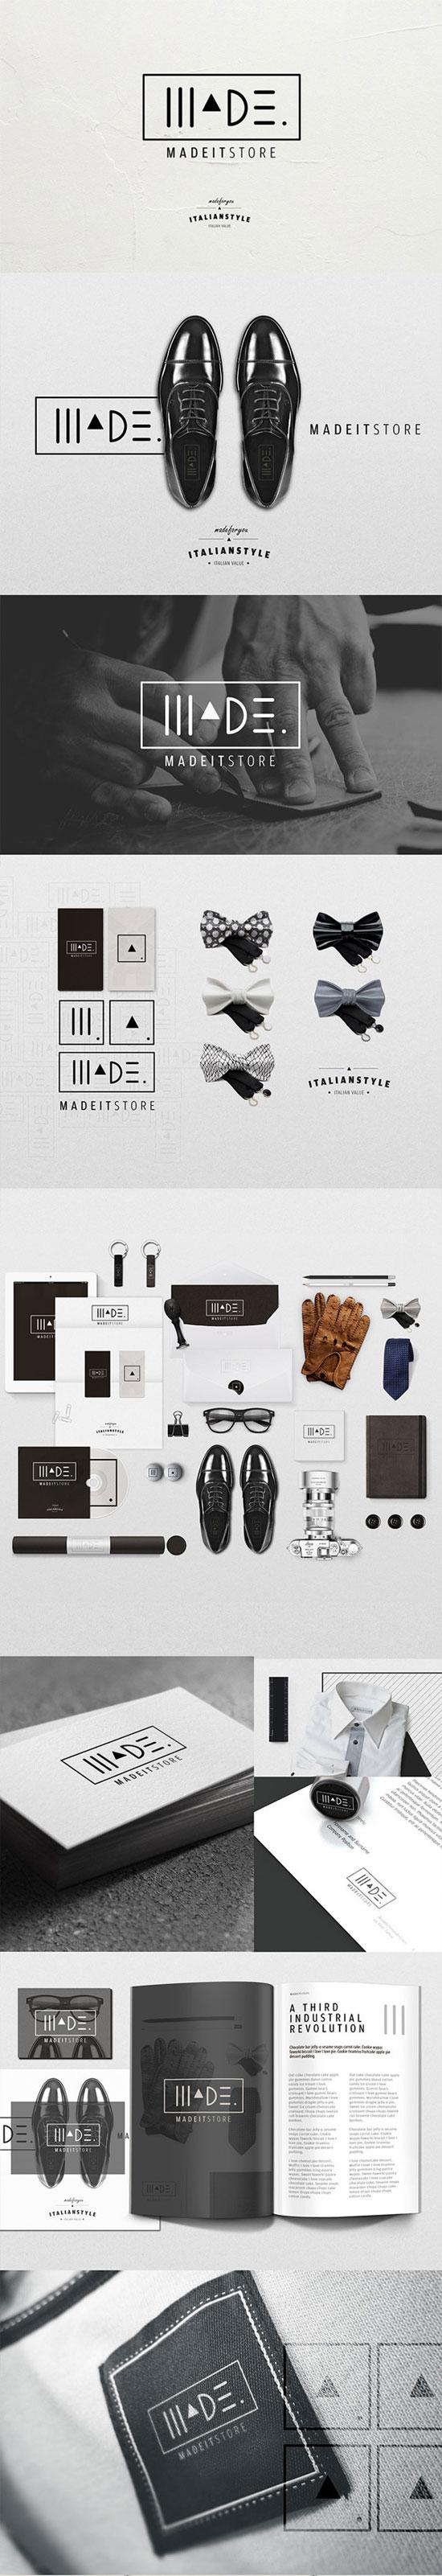 Ejemplos de identidad de marca